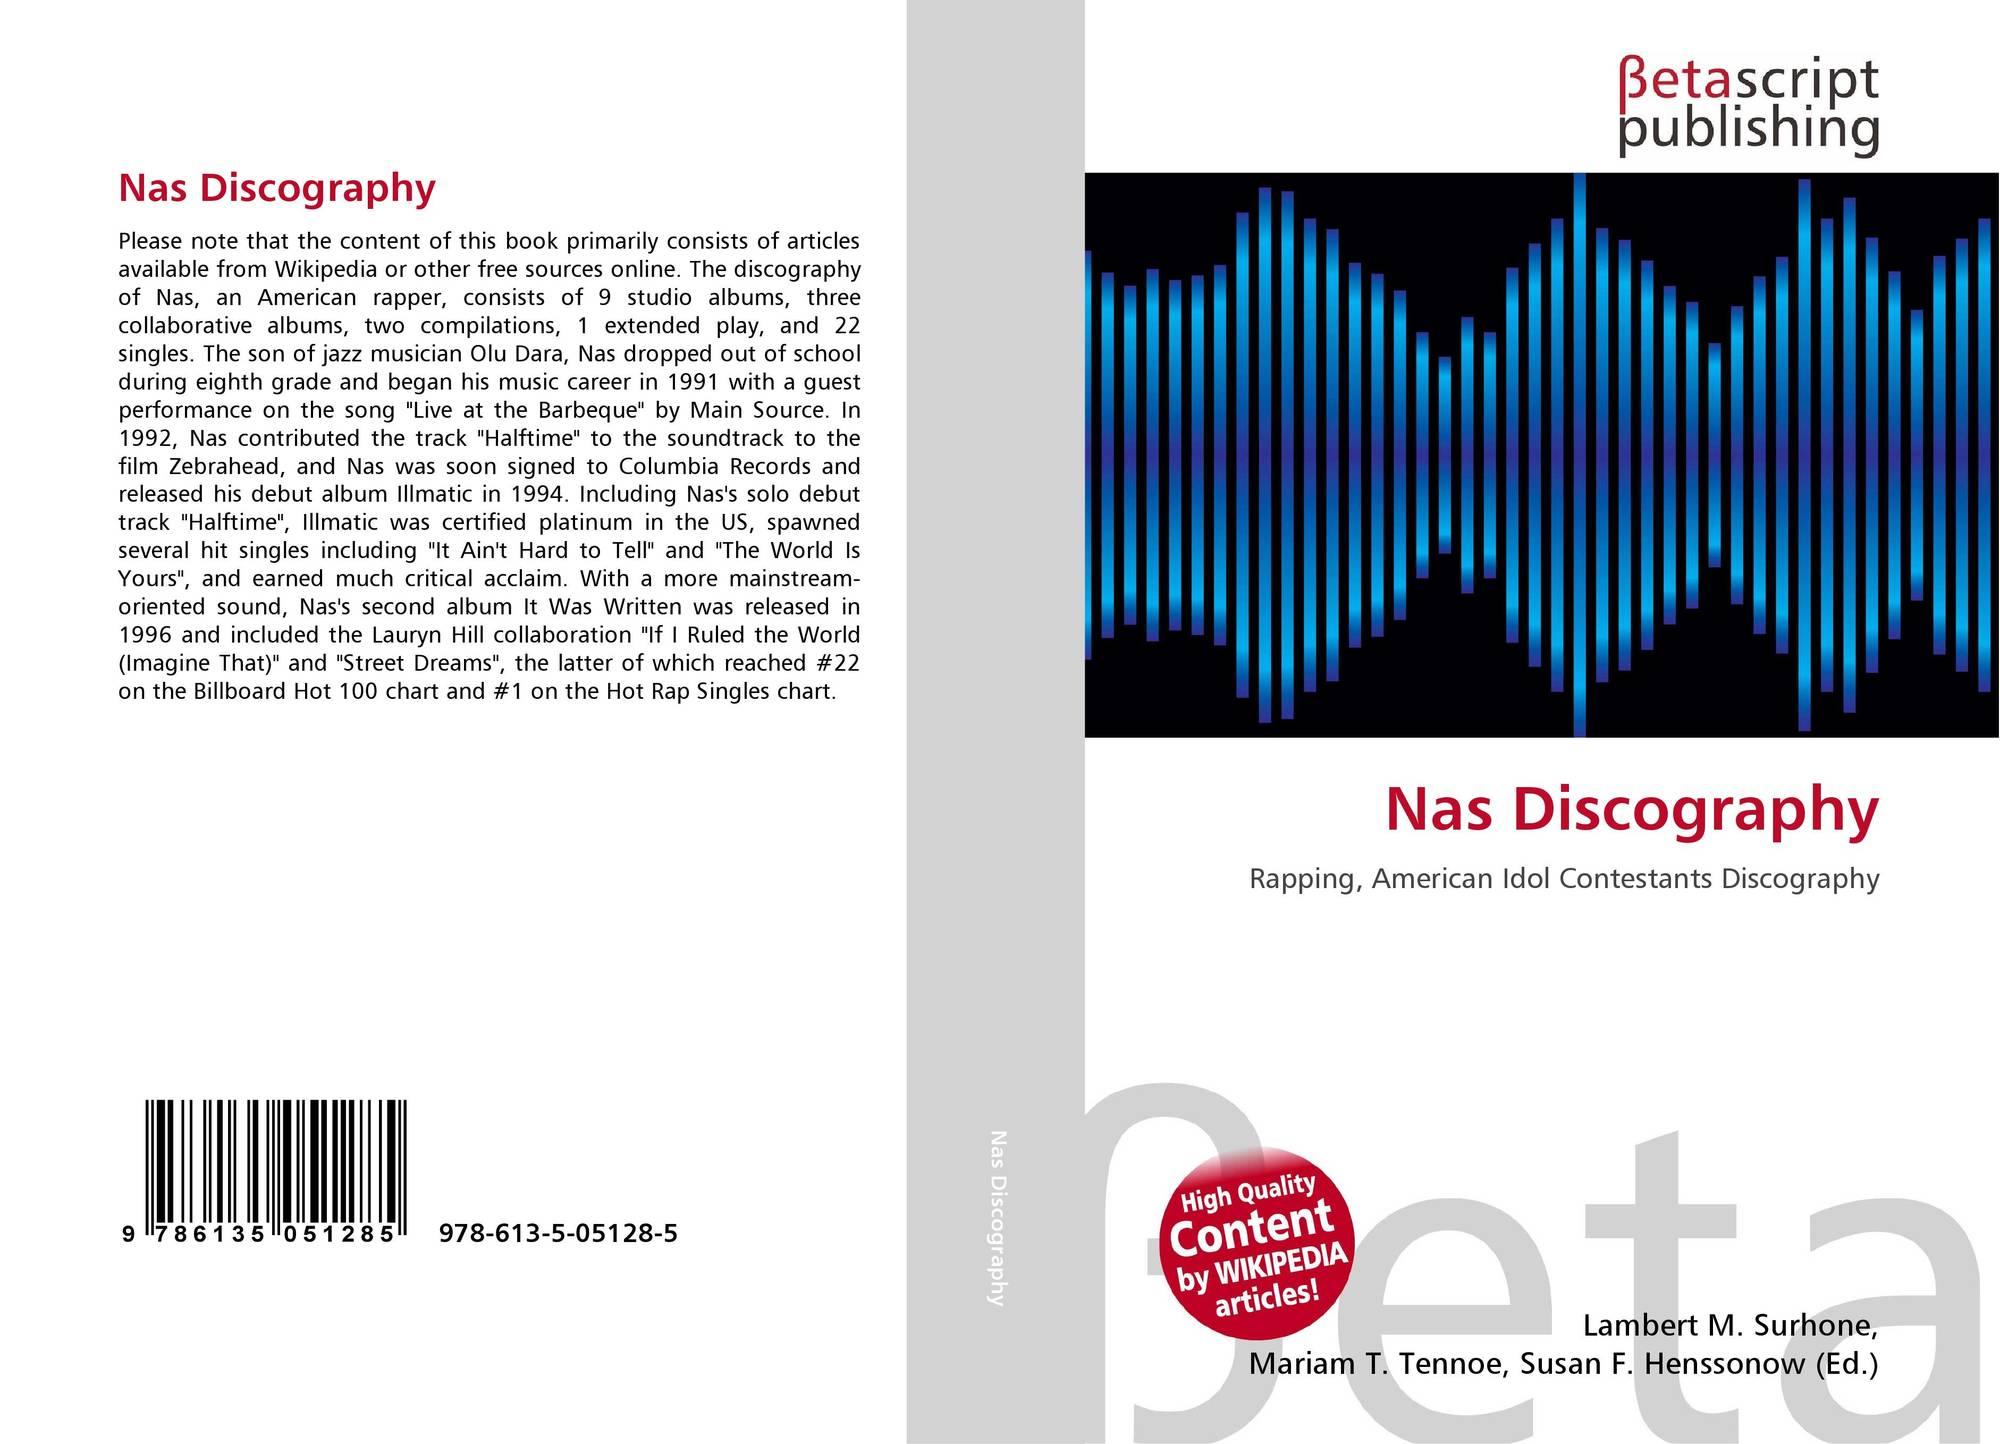 Nas Discography, 978-613-5-05128-5, 6135051288 ,9786135051285